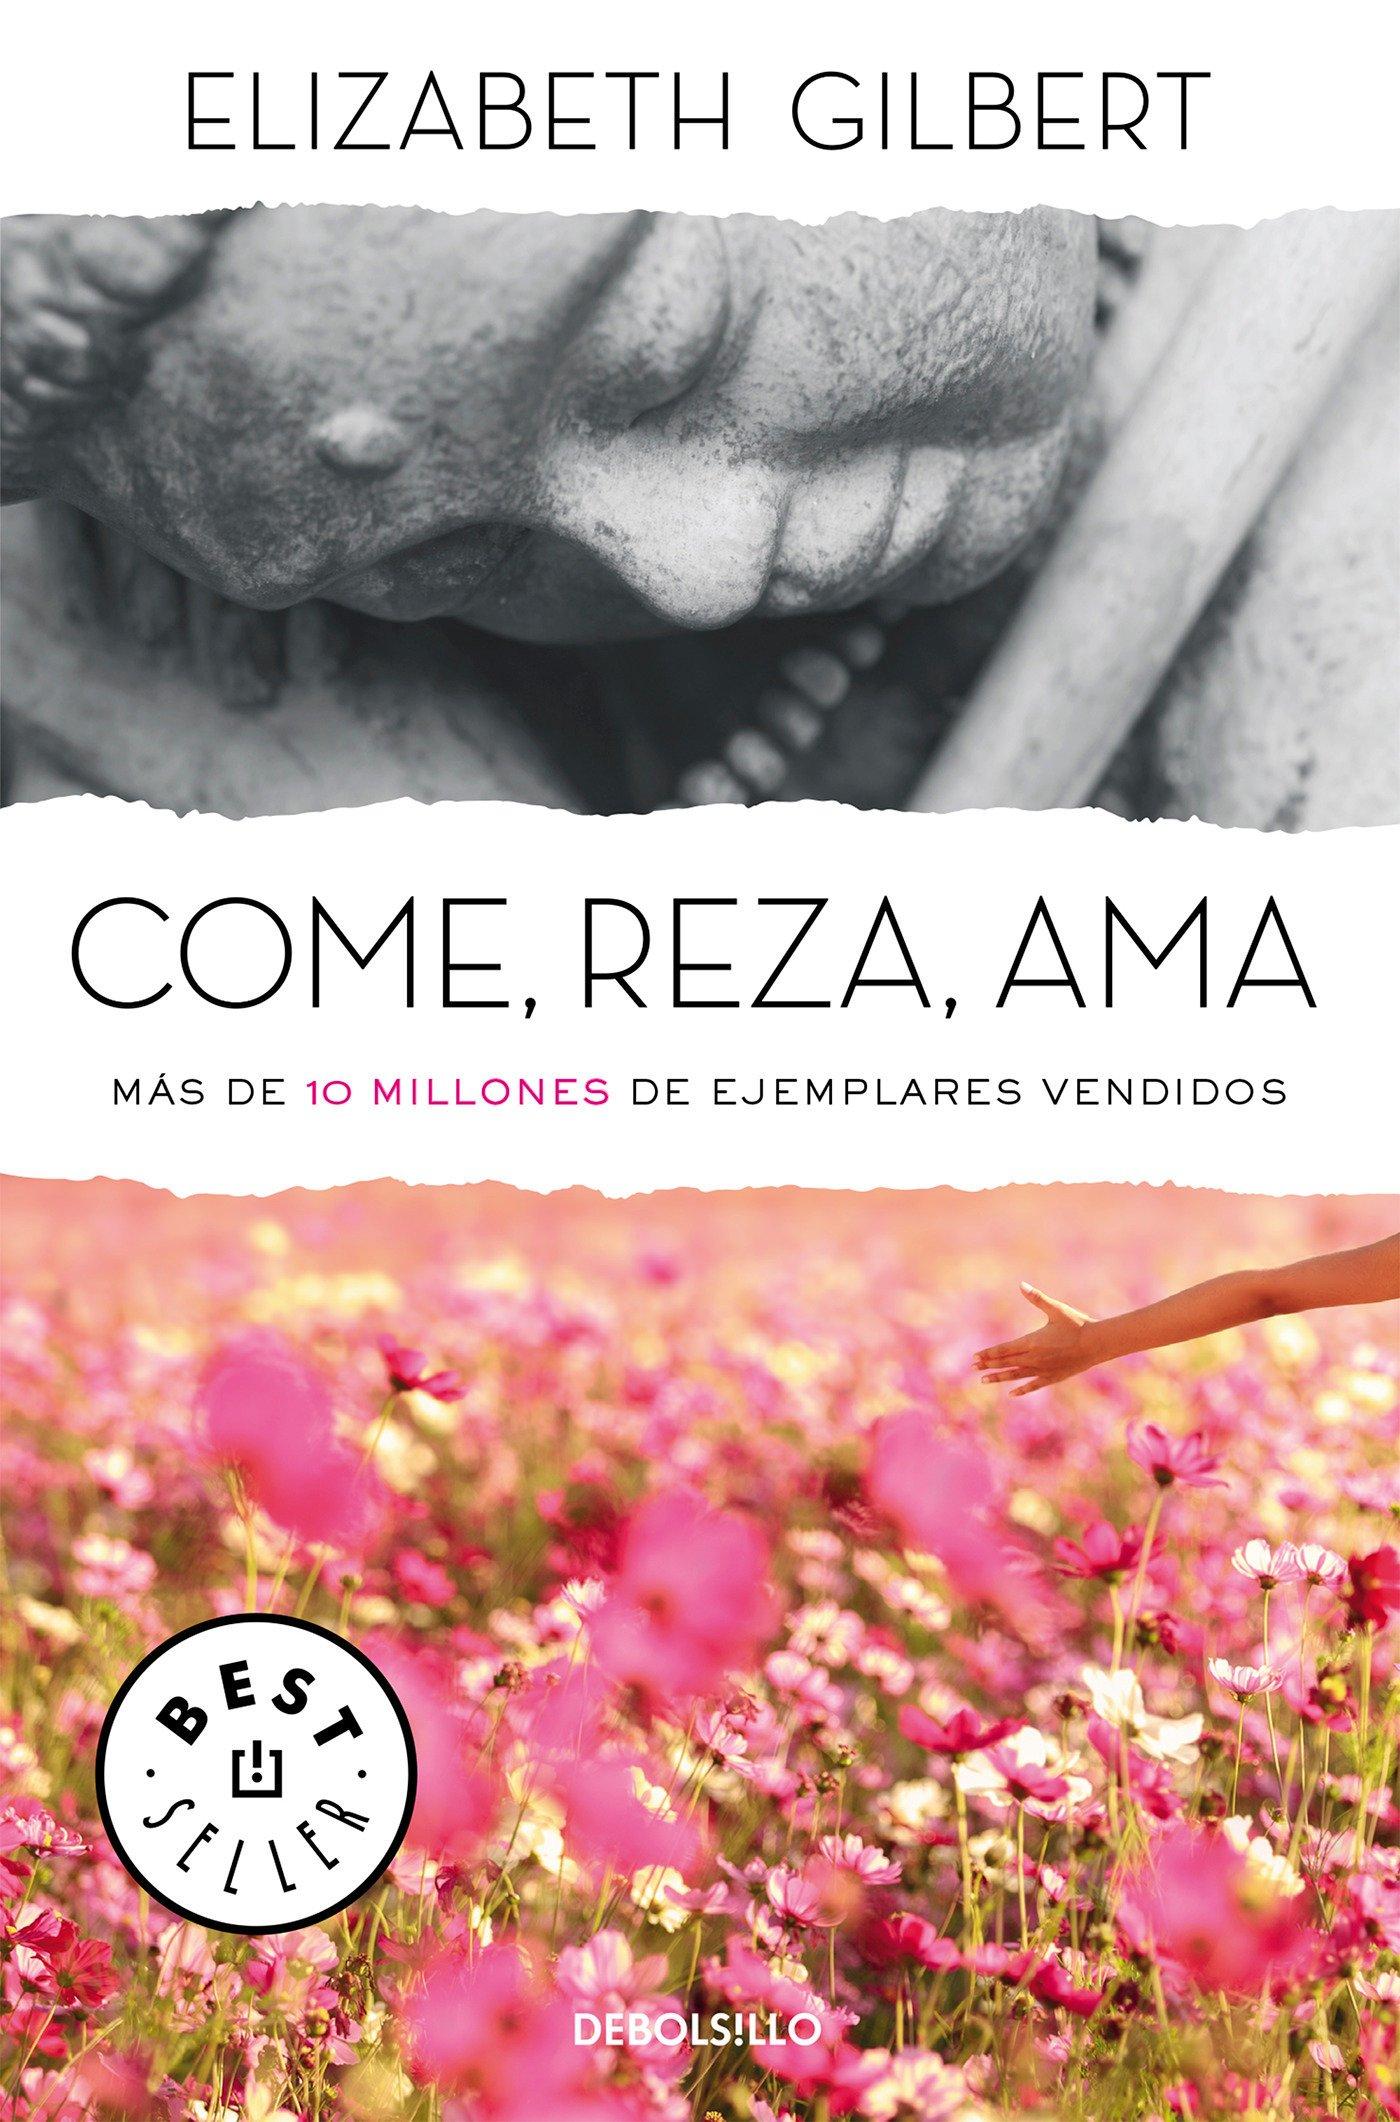 Come Reza Ama Eat Pray Love Una Mujer En Búsqueda Del Deseado Equilibrio Entre El Cuerpo Y El Alma Best Seller Spanish Edition 9788466330343 Gilbert Elizabeth Books